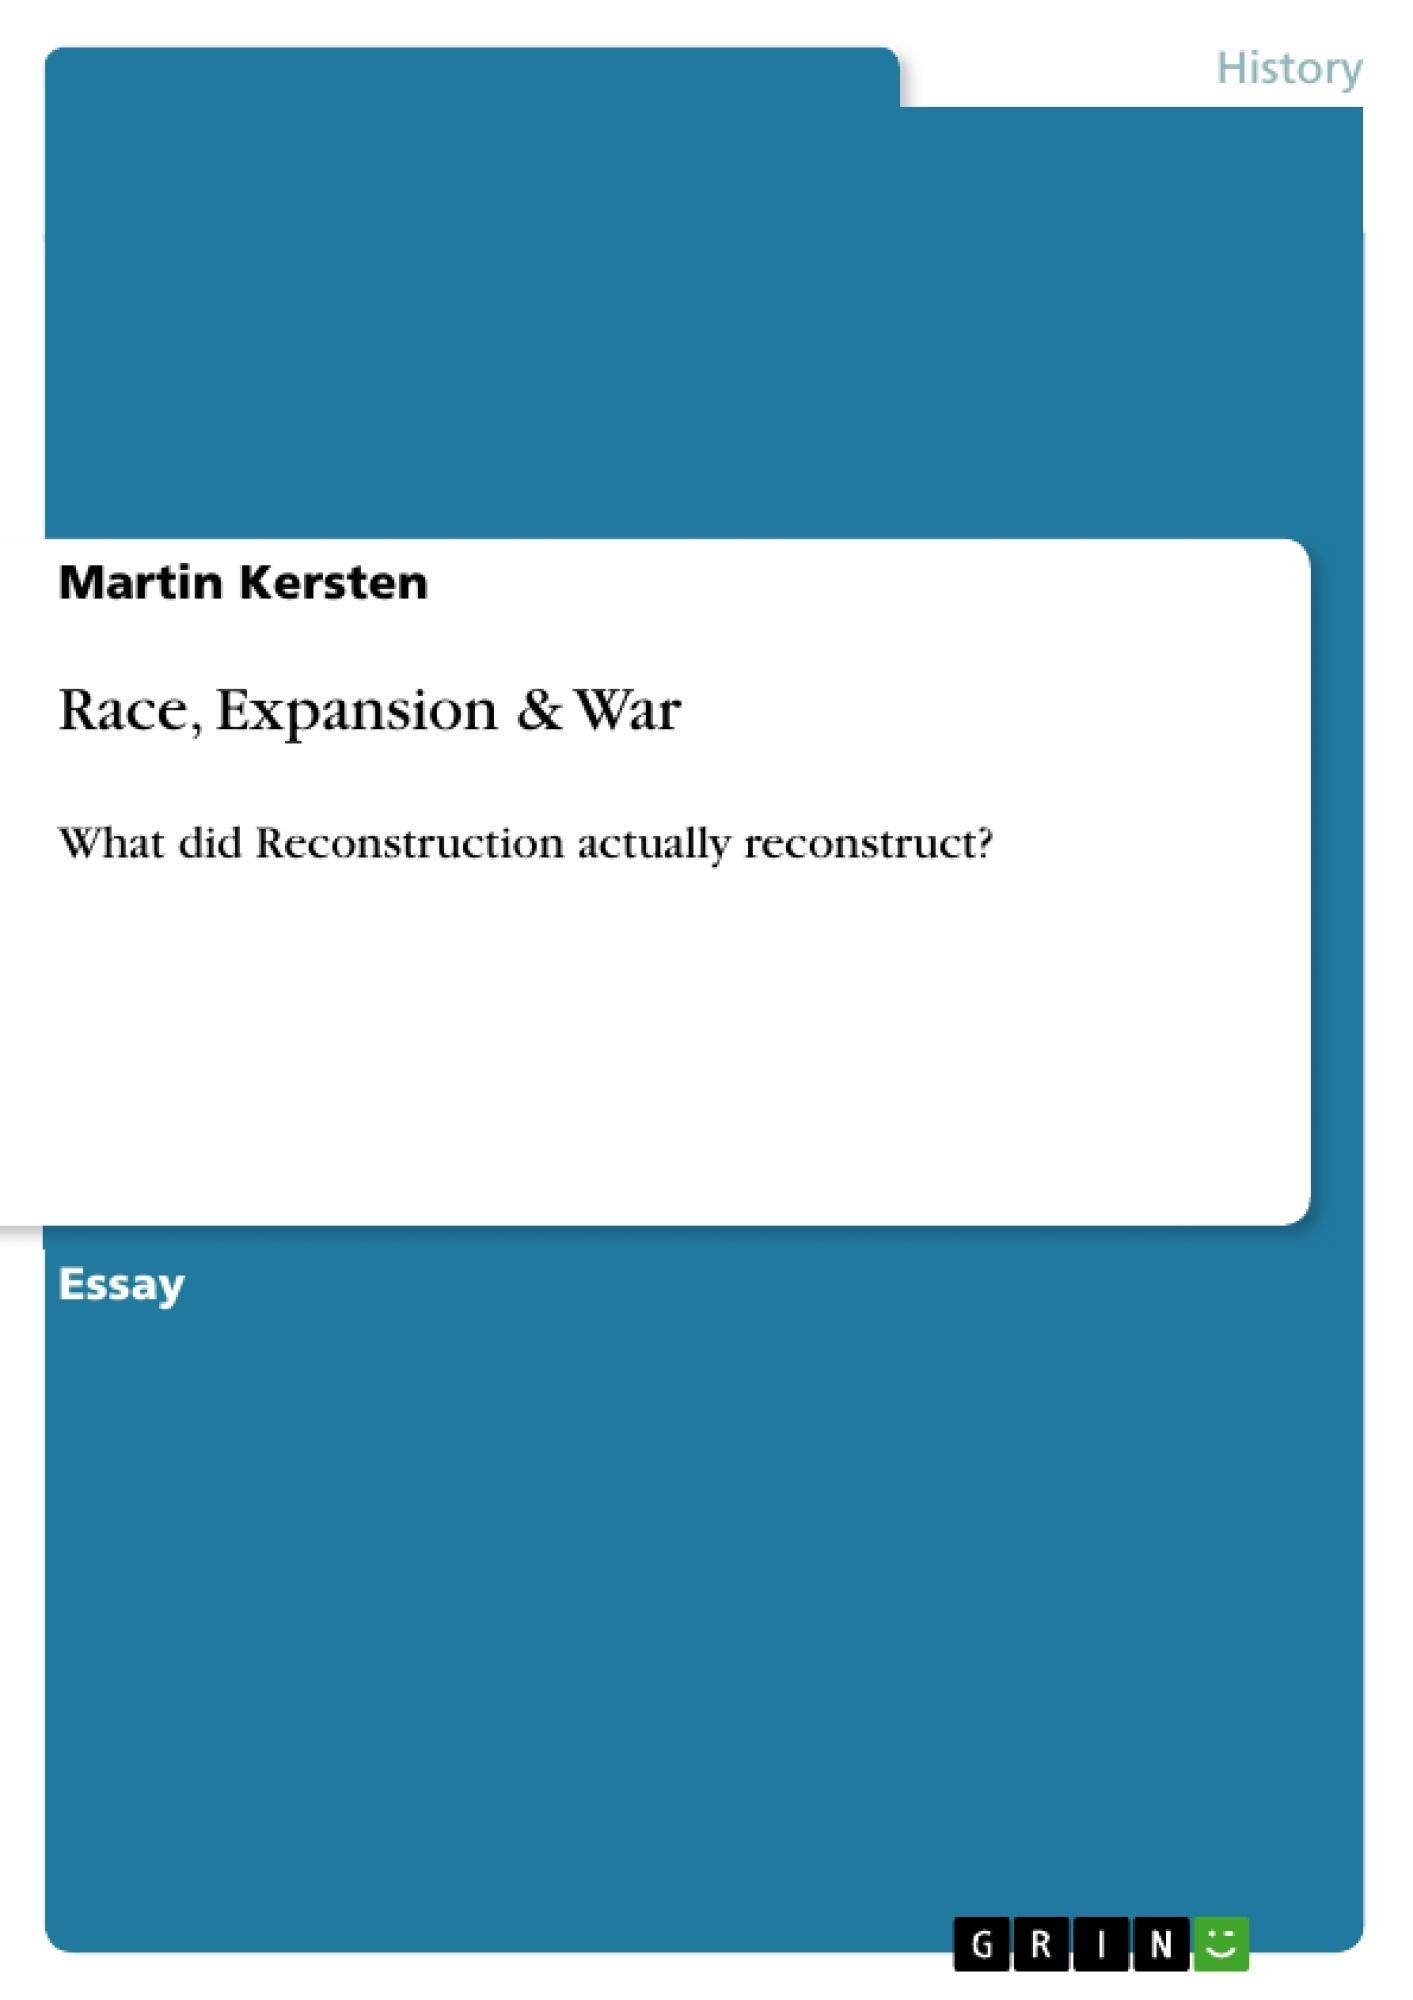 Title: Race, Expansion & War